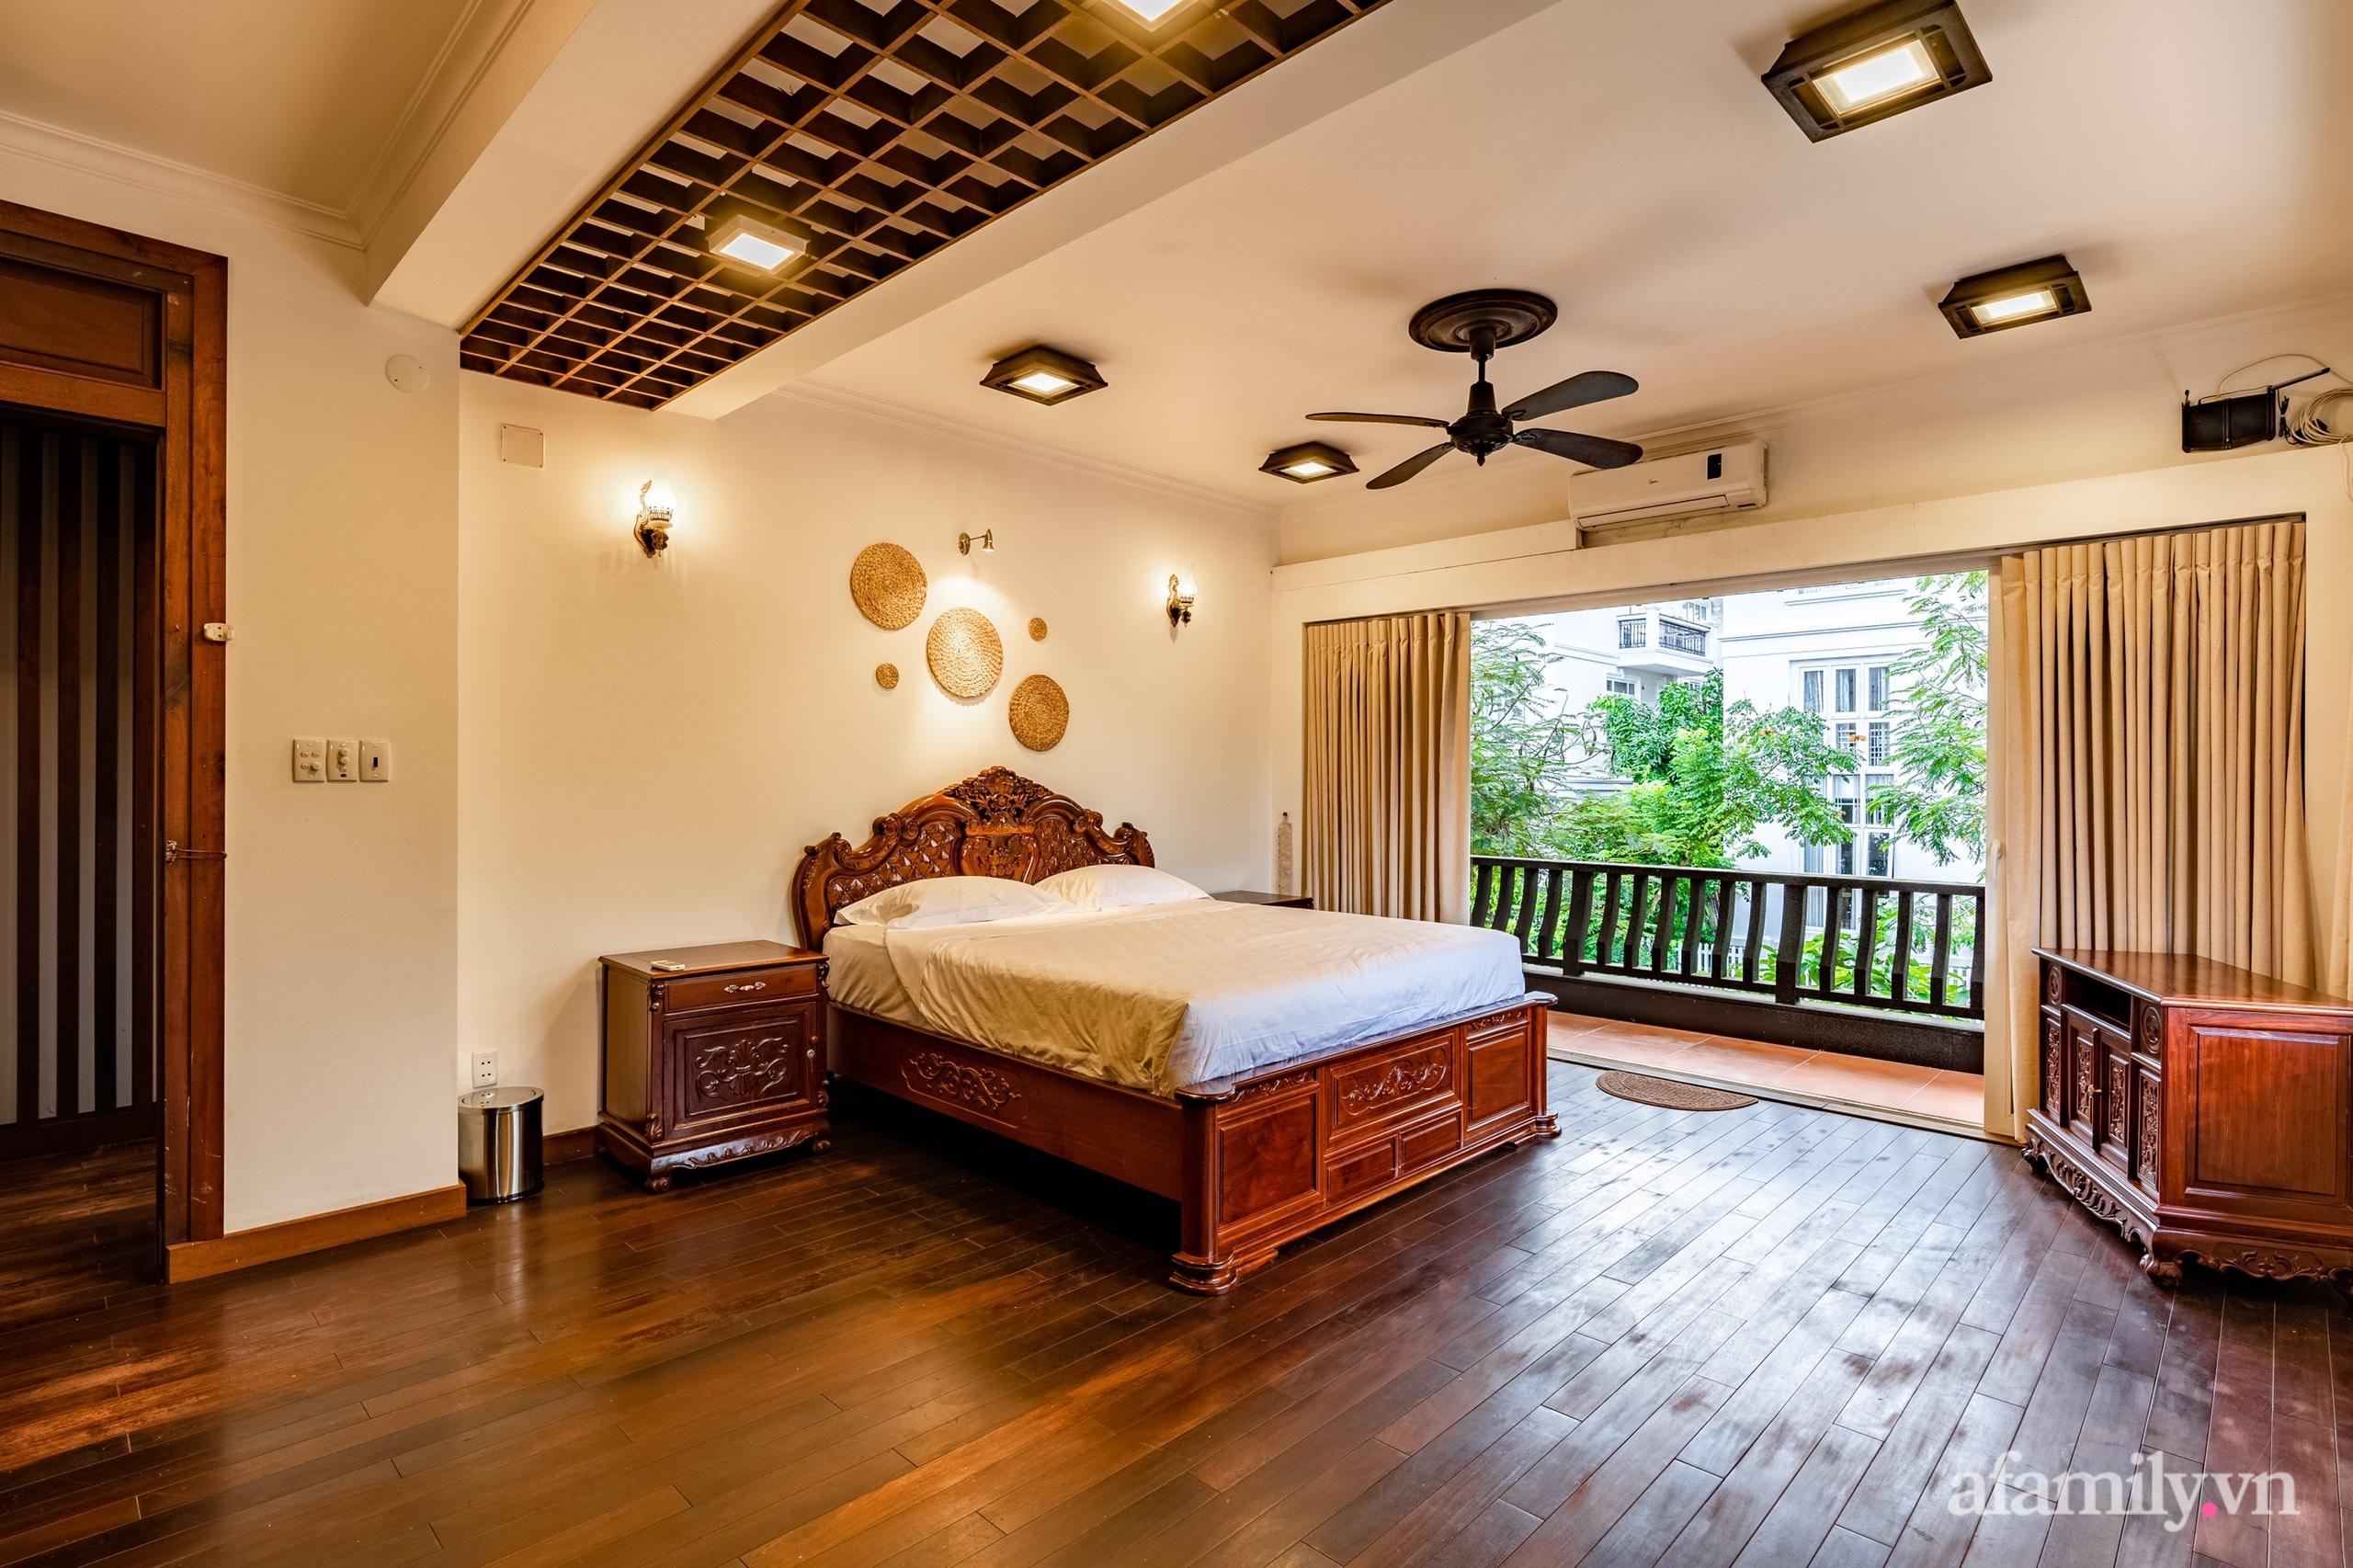 Căn nhà vườn xây 10 năm vẫn đẹp hút mắt với nội thất gỗ và cây xanh quanh nhà ở Nha Trang-16